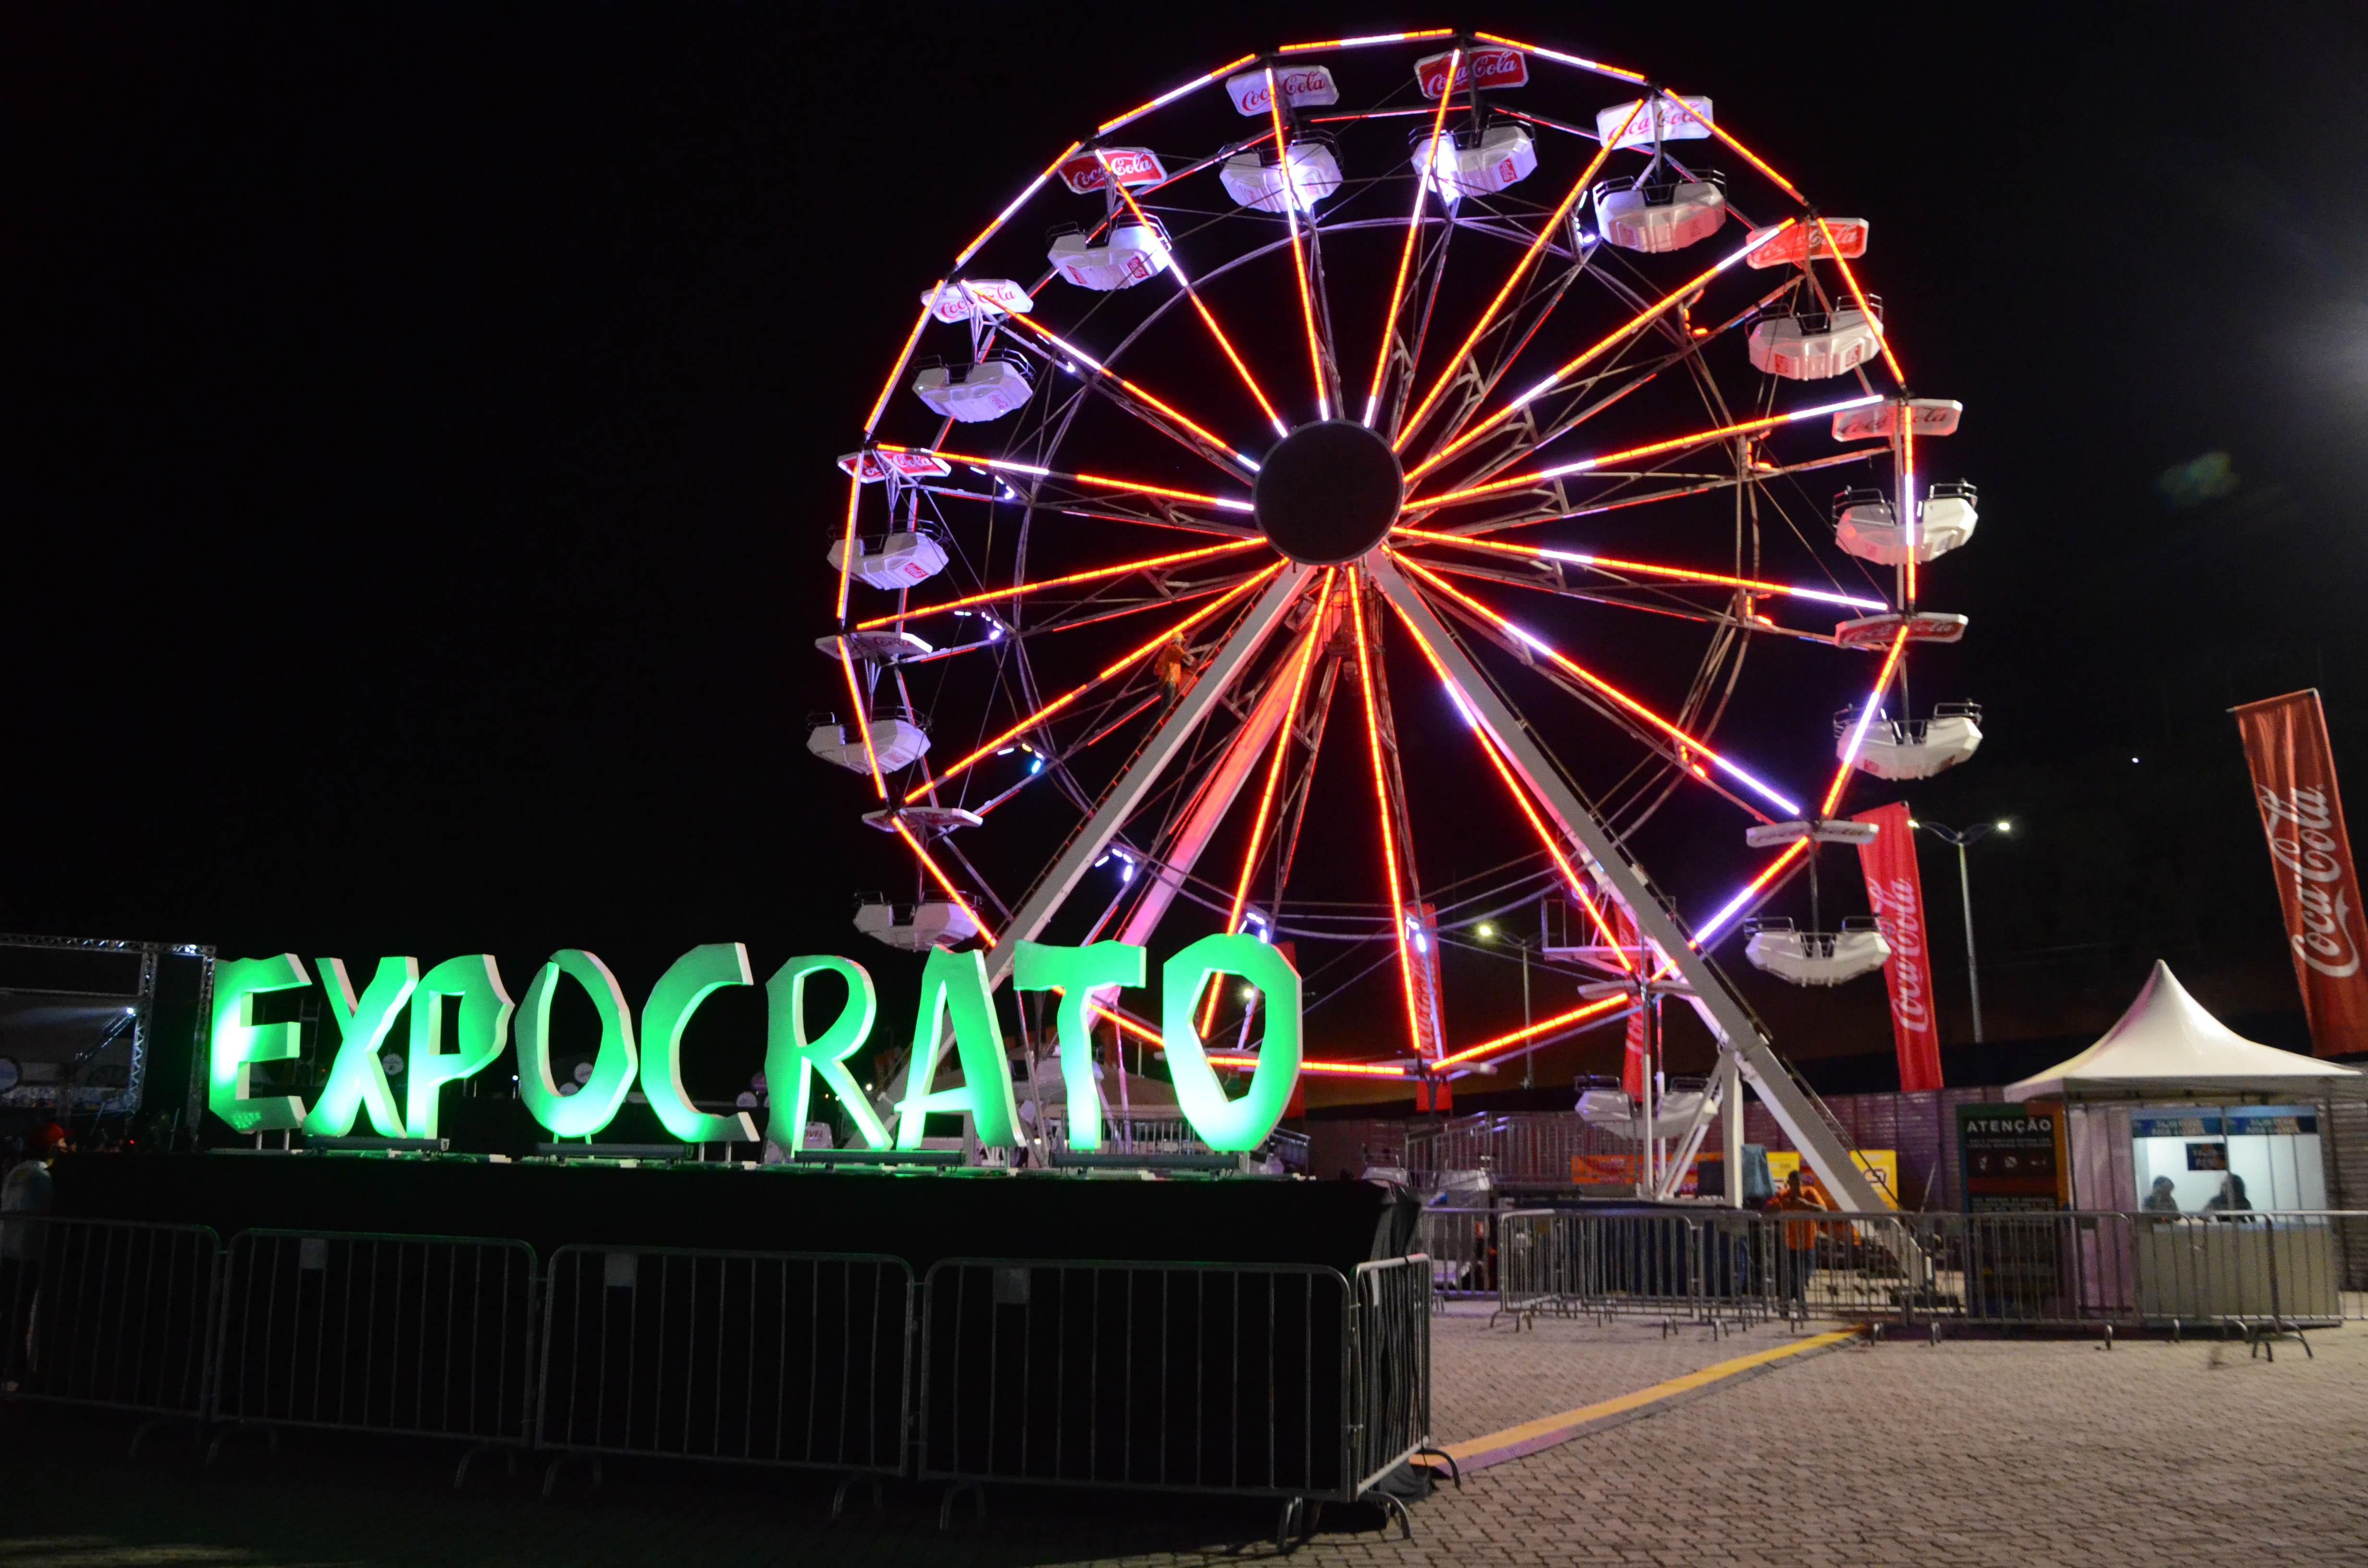 Roda gigante é nova opção de diversão na Expocrato 2018